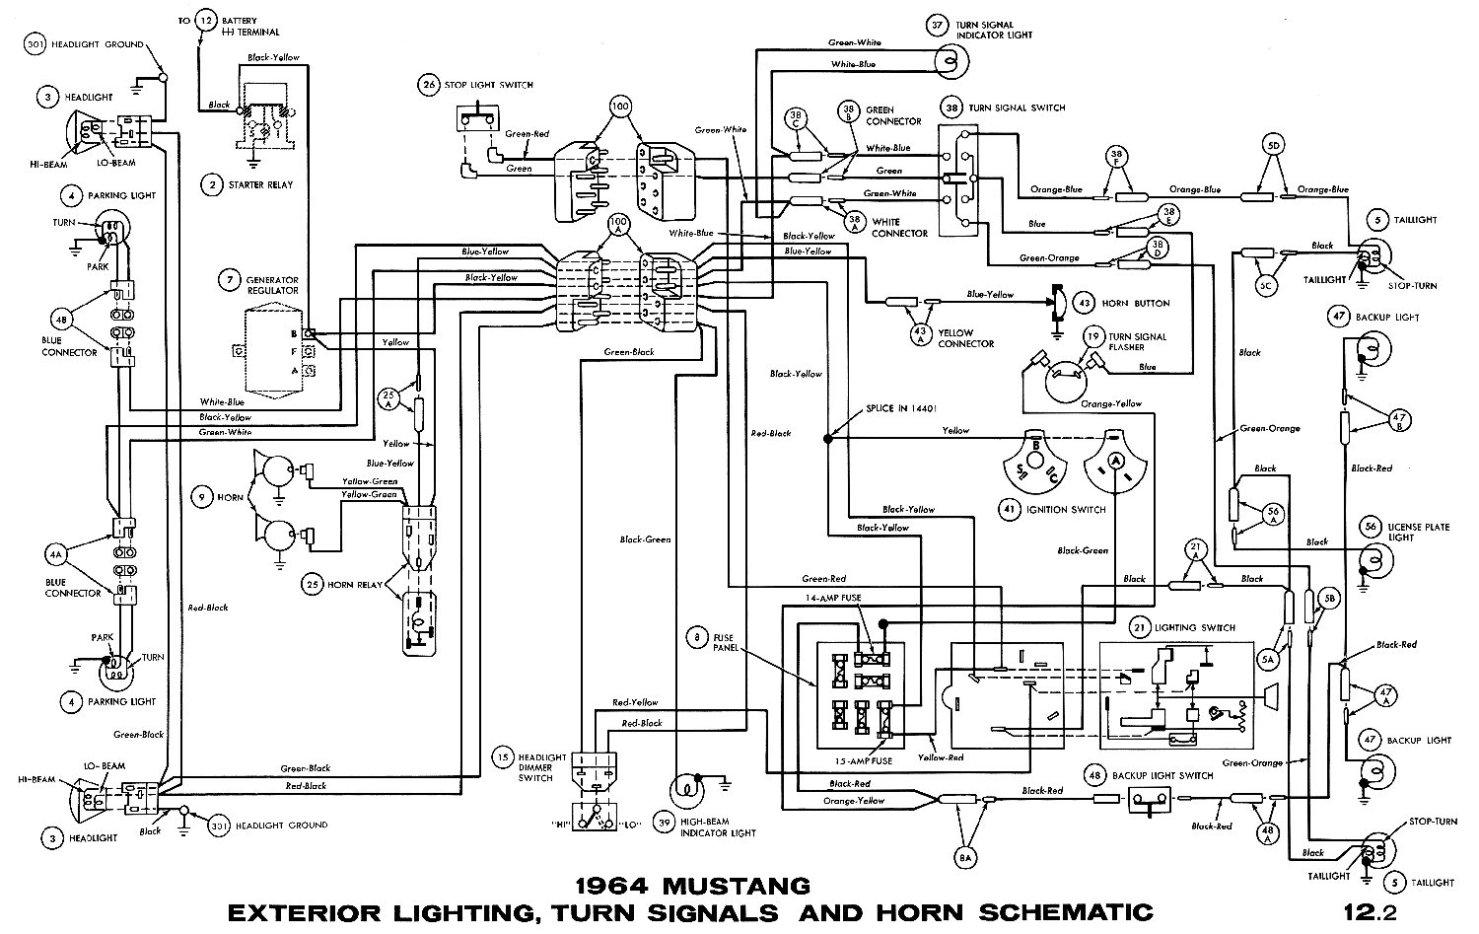 mustang painless wiring diagram image 65 mustang wiring harness diagram 65 auto wiring diagram schematic on 1965 mustang painless wiring diagram